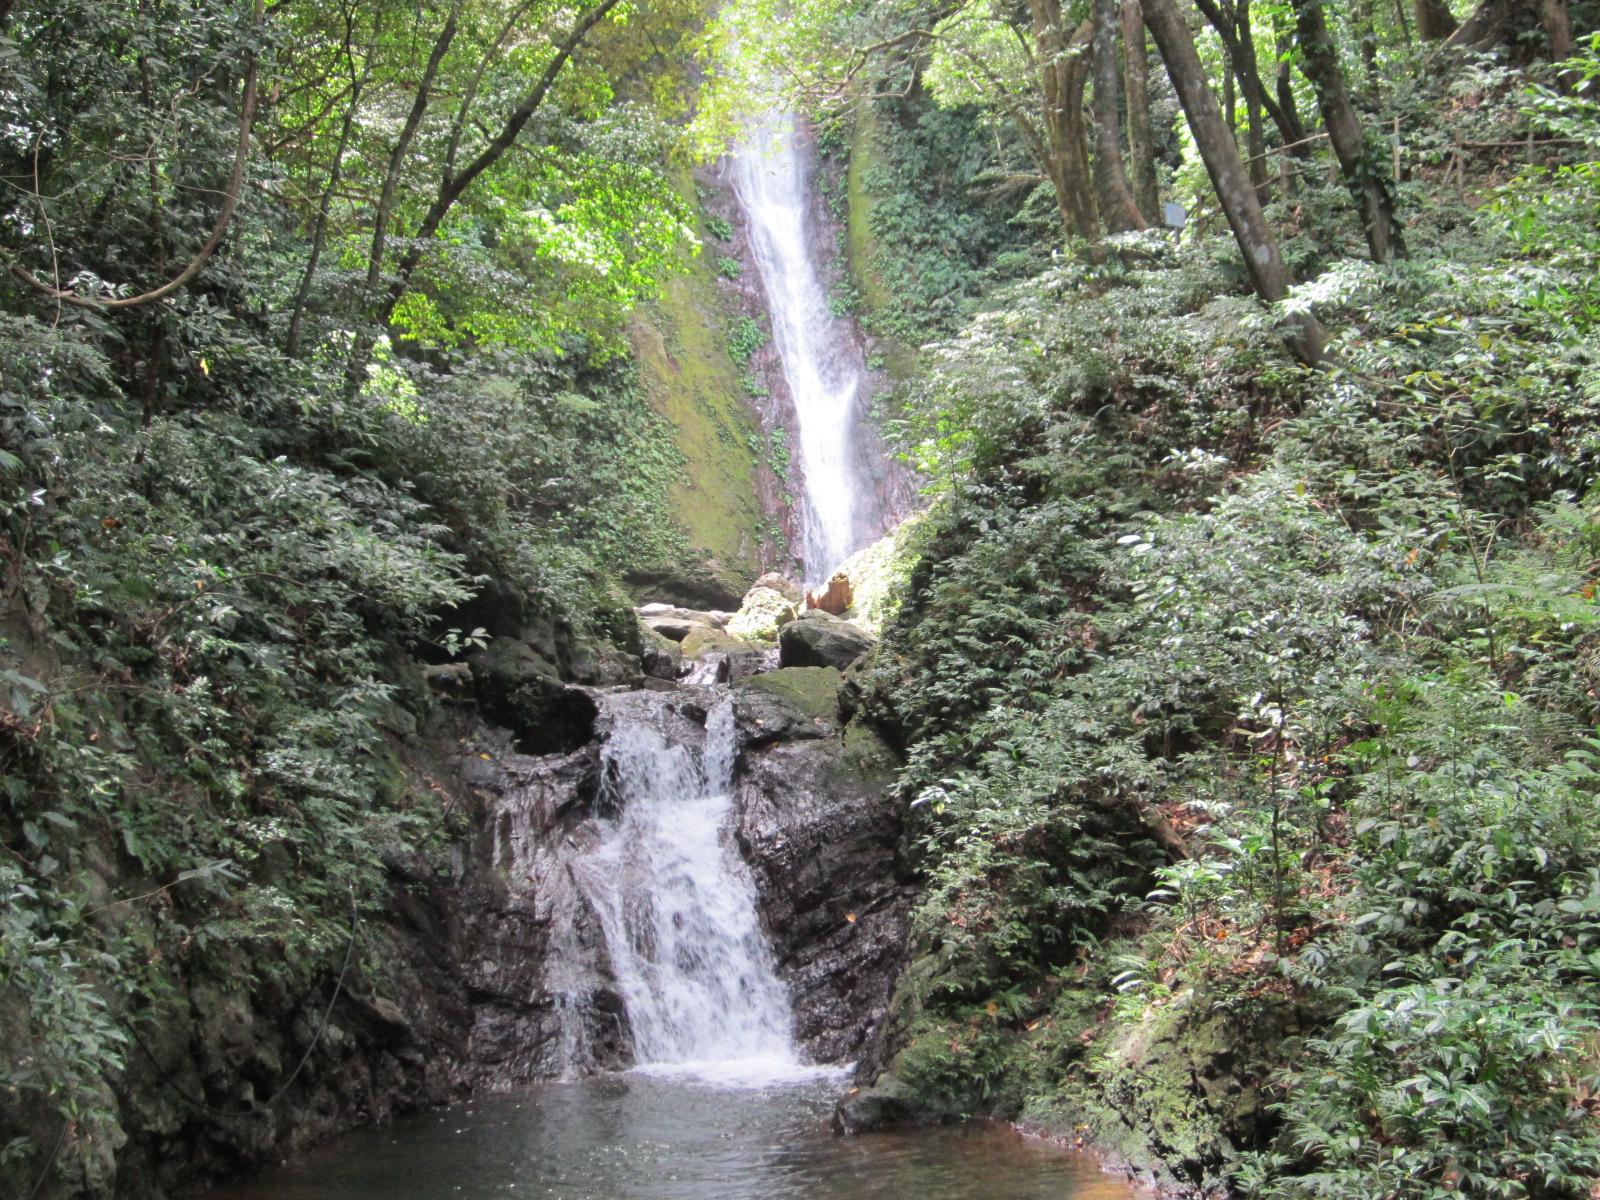 how to go to ilocos norte from manila